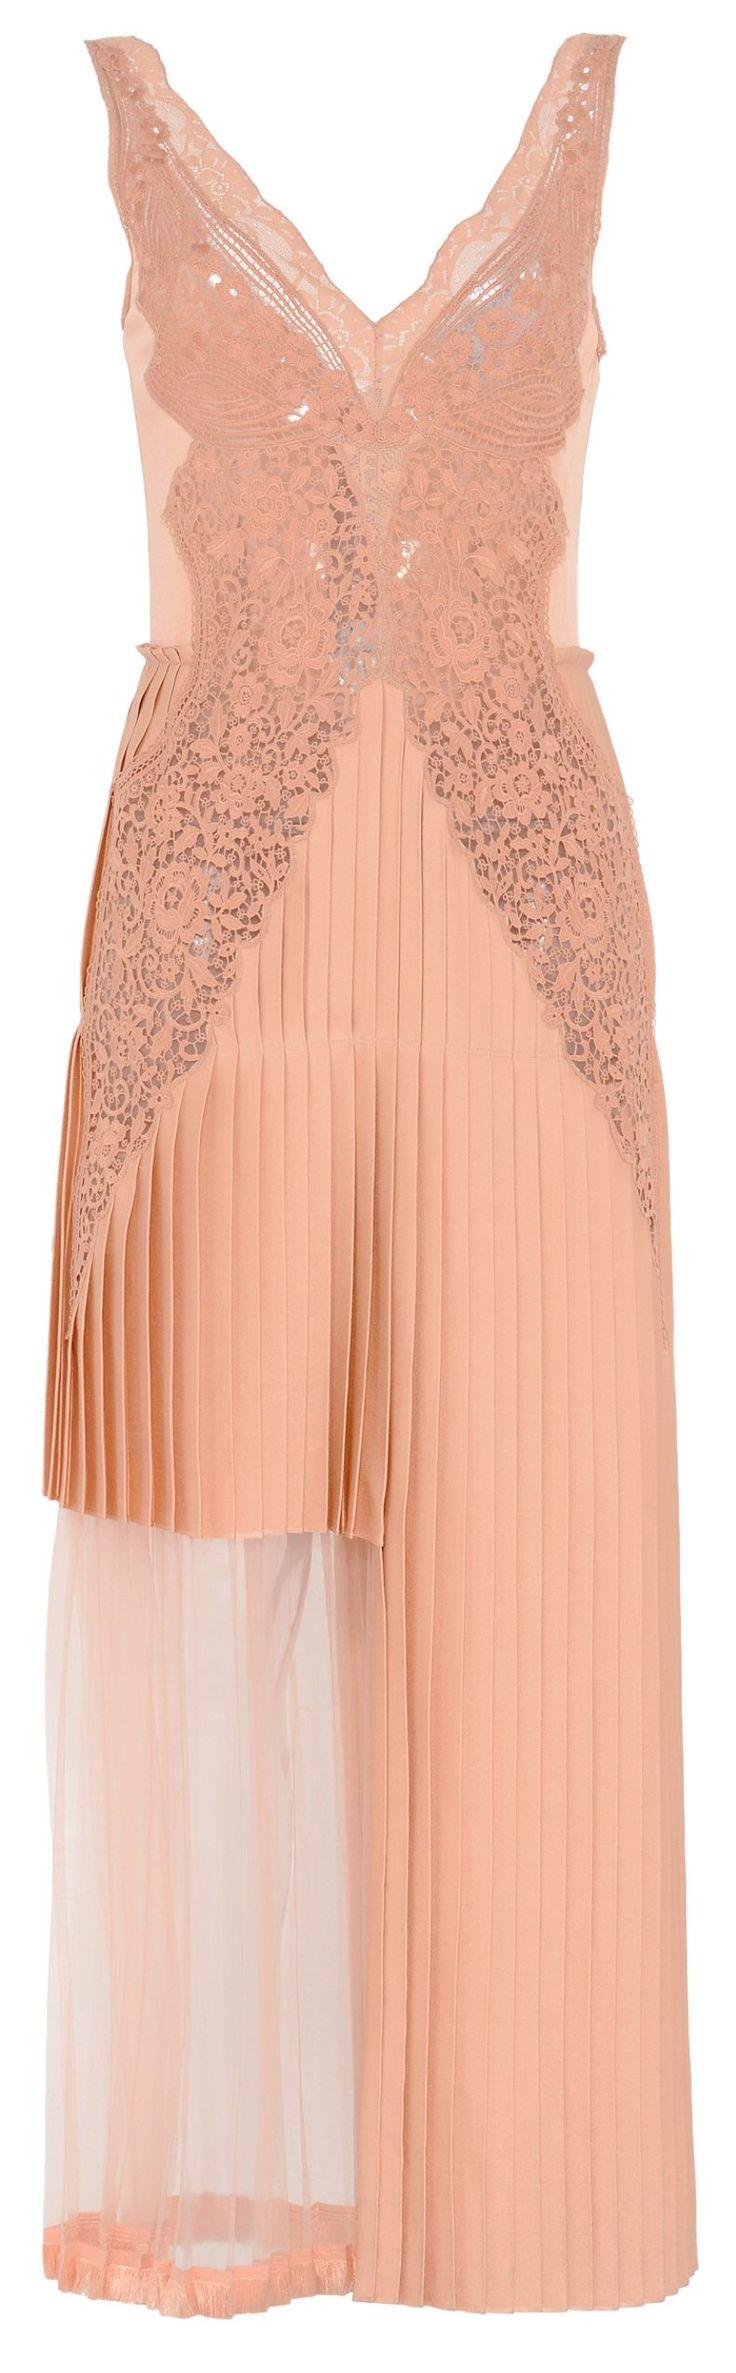 Lazo Caprichoso Blog de moda Moda Low Cost III Vestido plisado y con encaje Stella McCartney